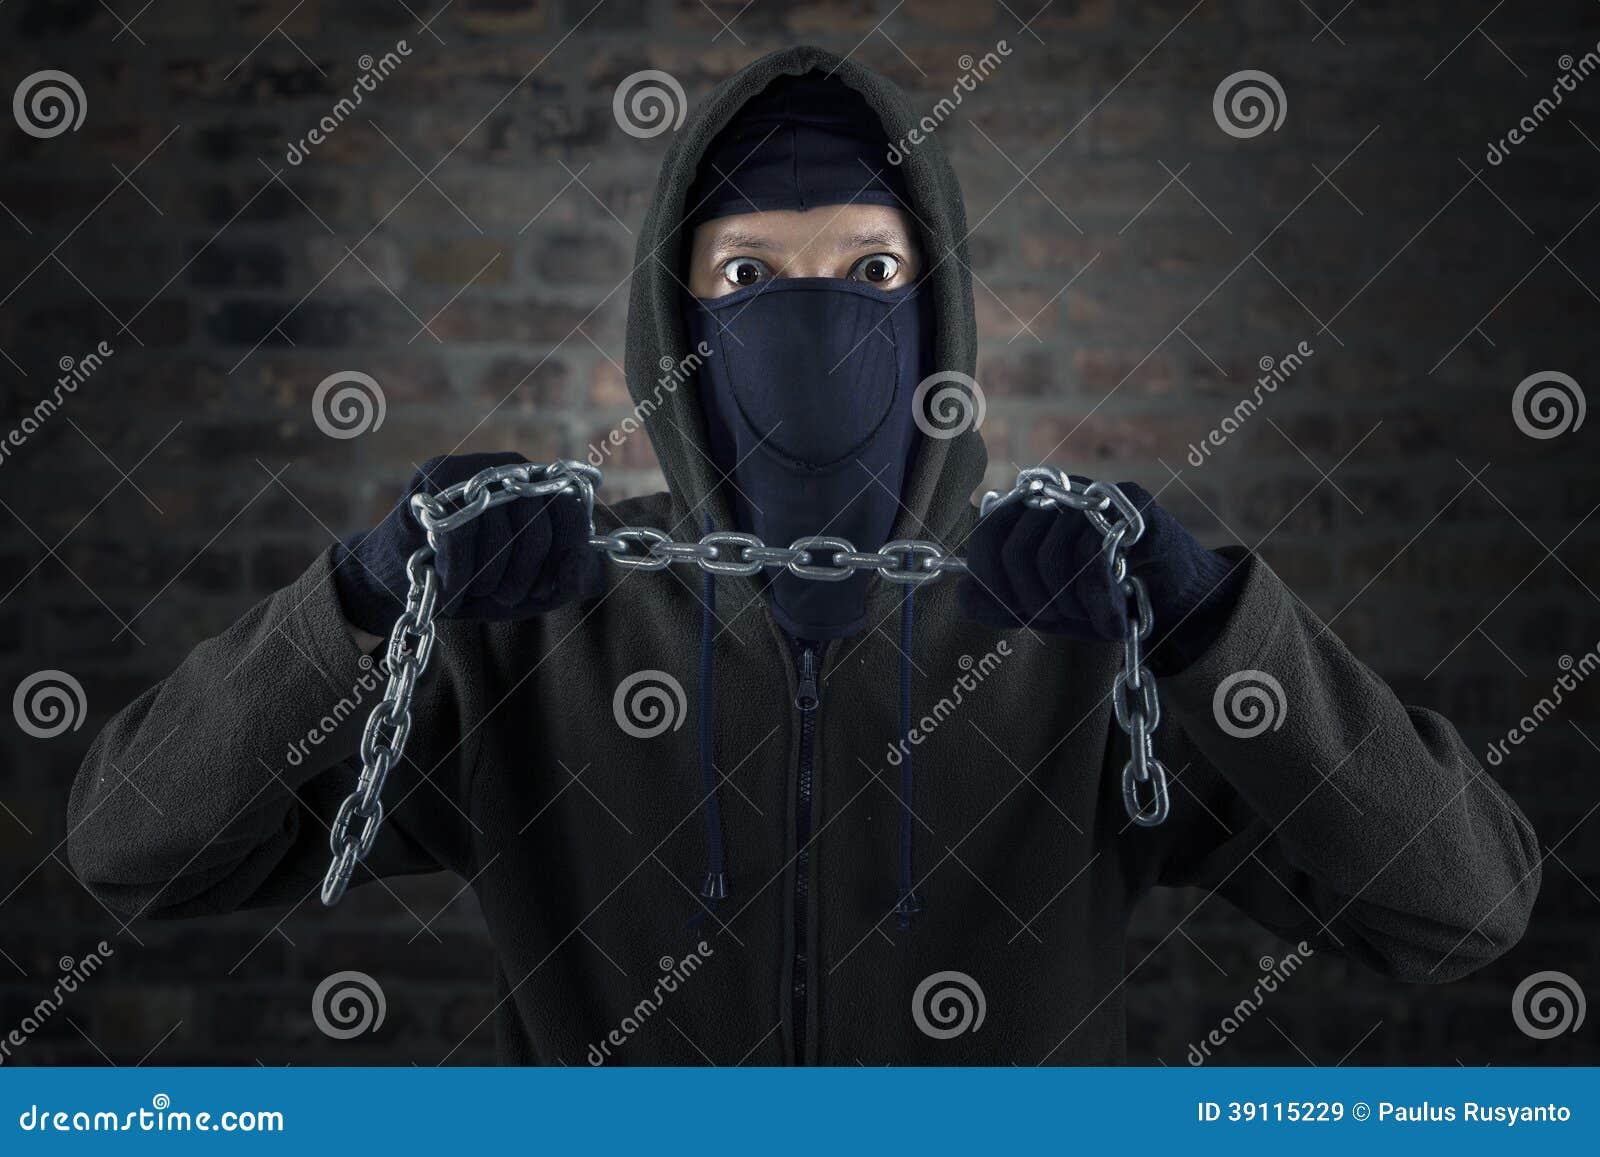 凶手_有站立在砖墙前面的链子的危险凶手.